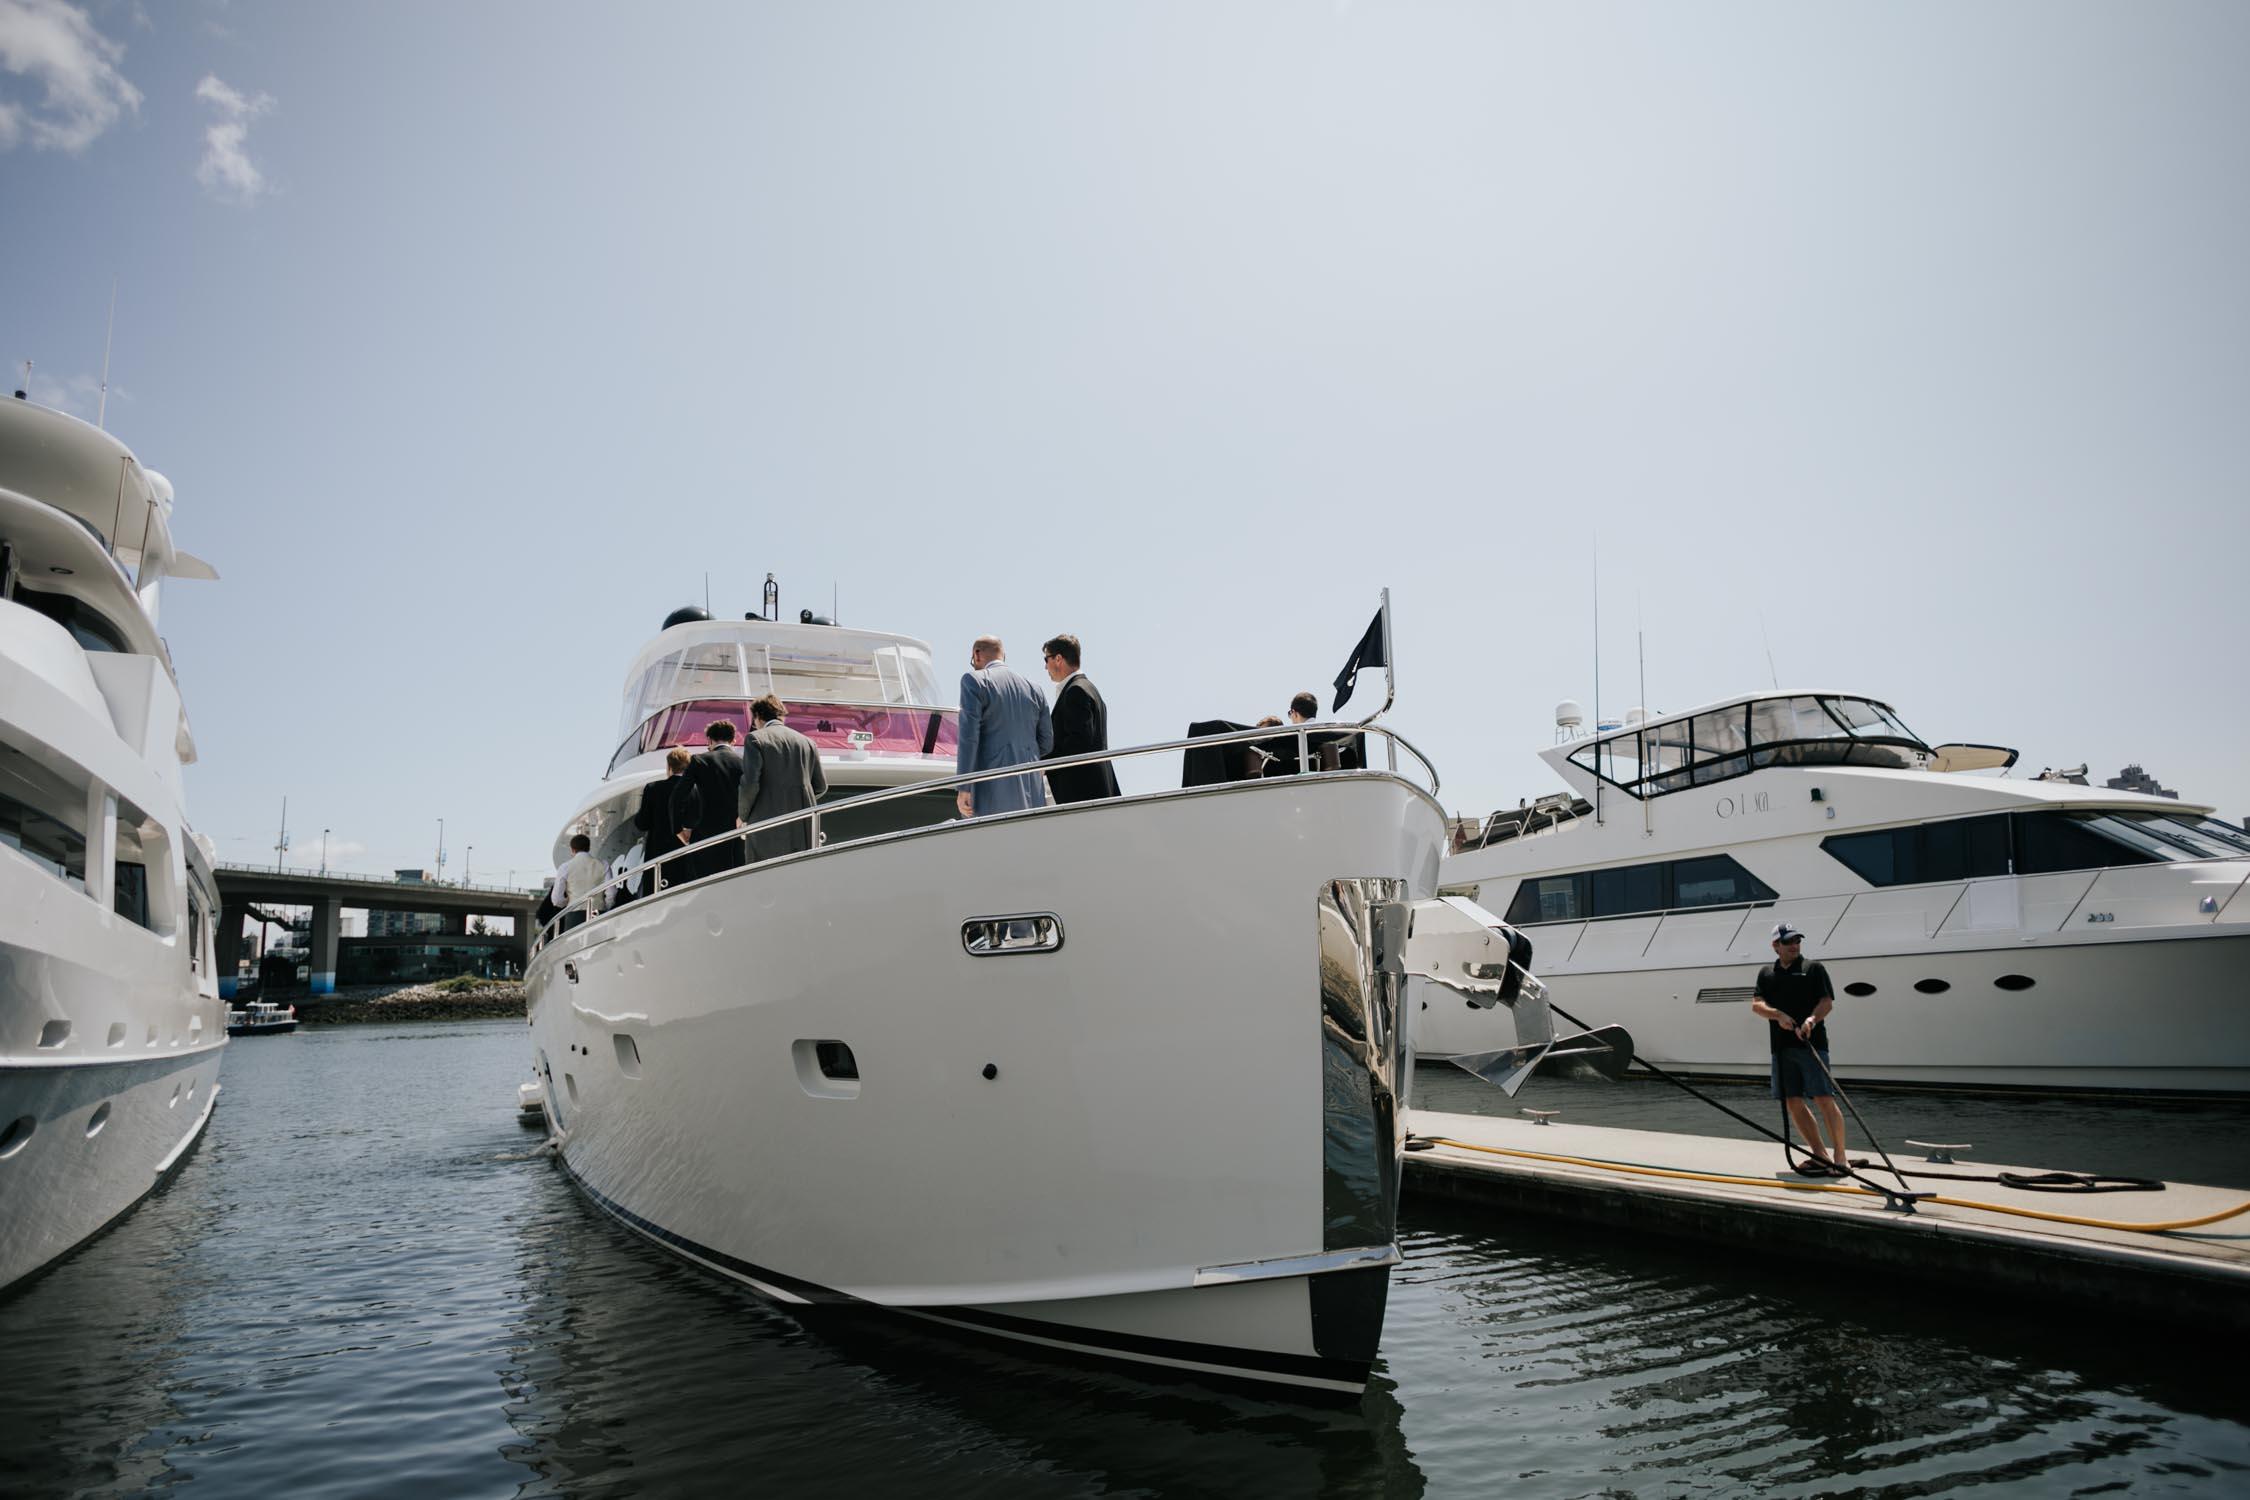 Groom gets ready on a yacht